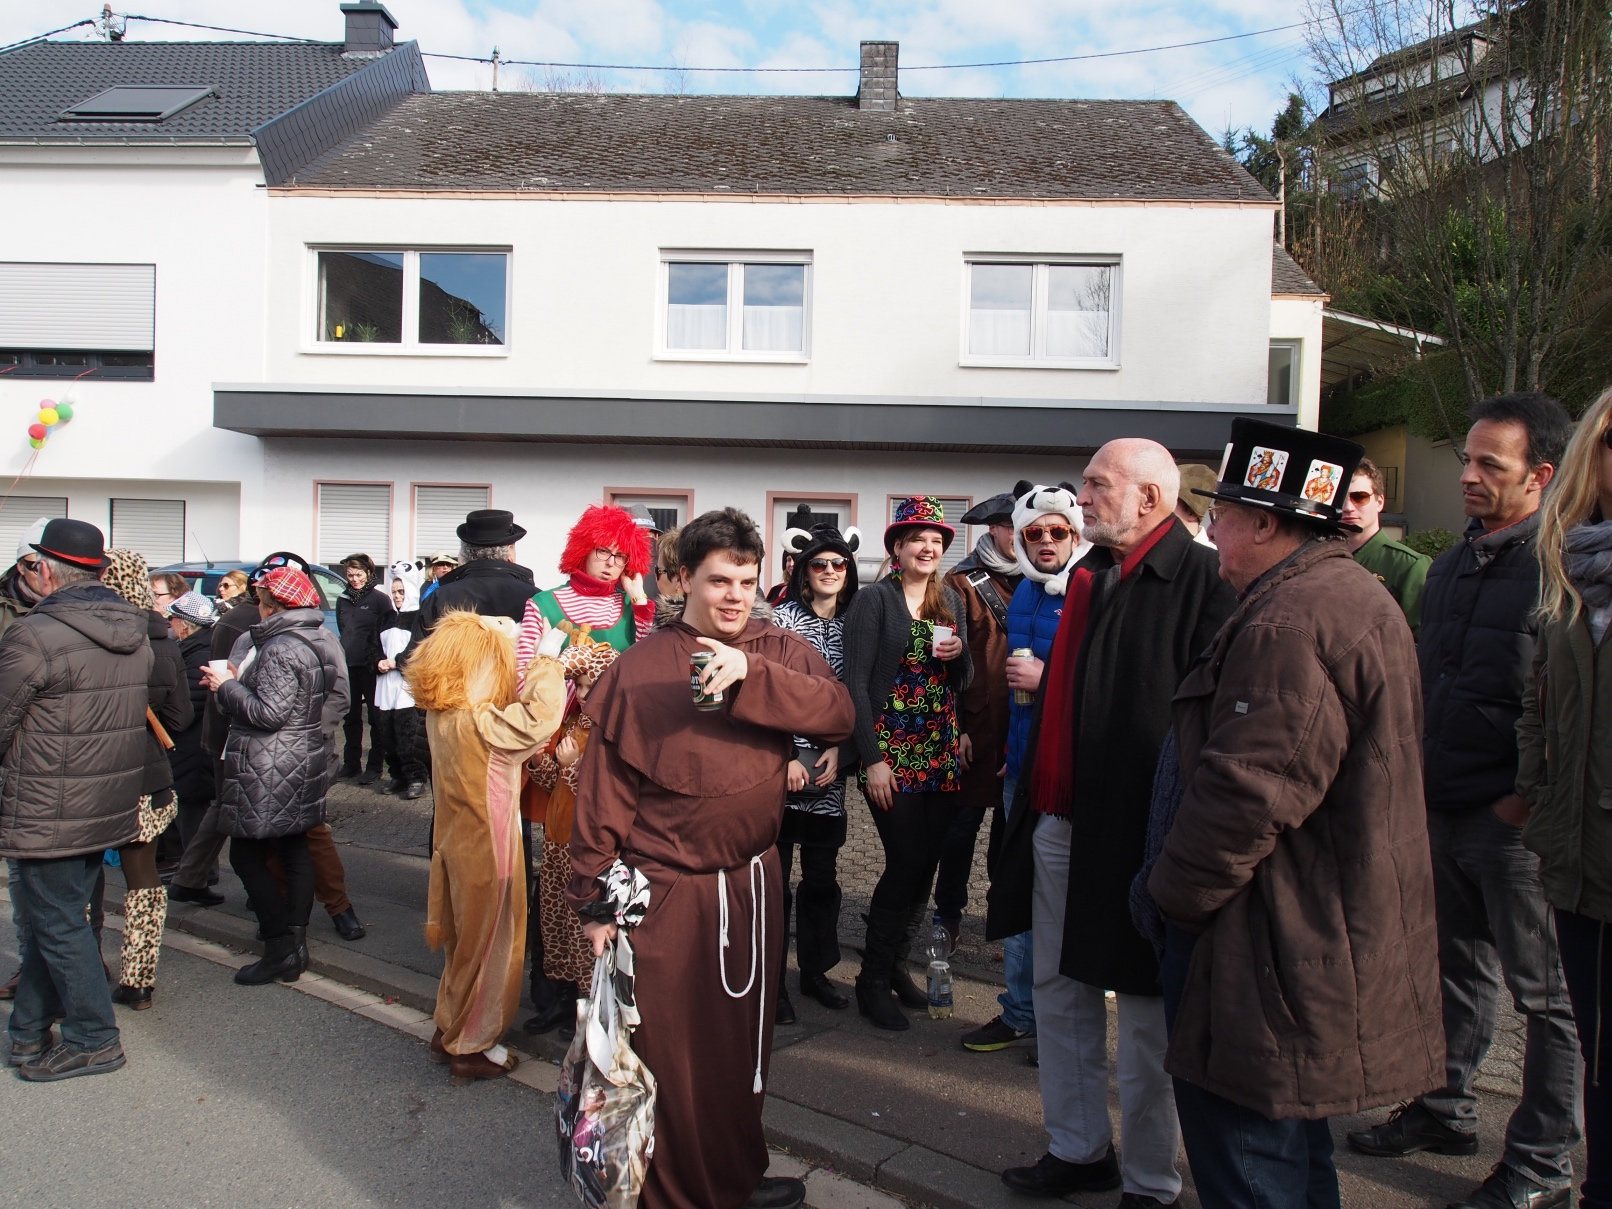 karneval_in_trier6.jpg